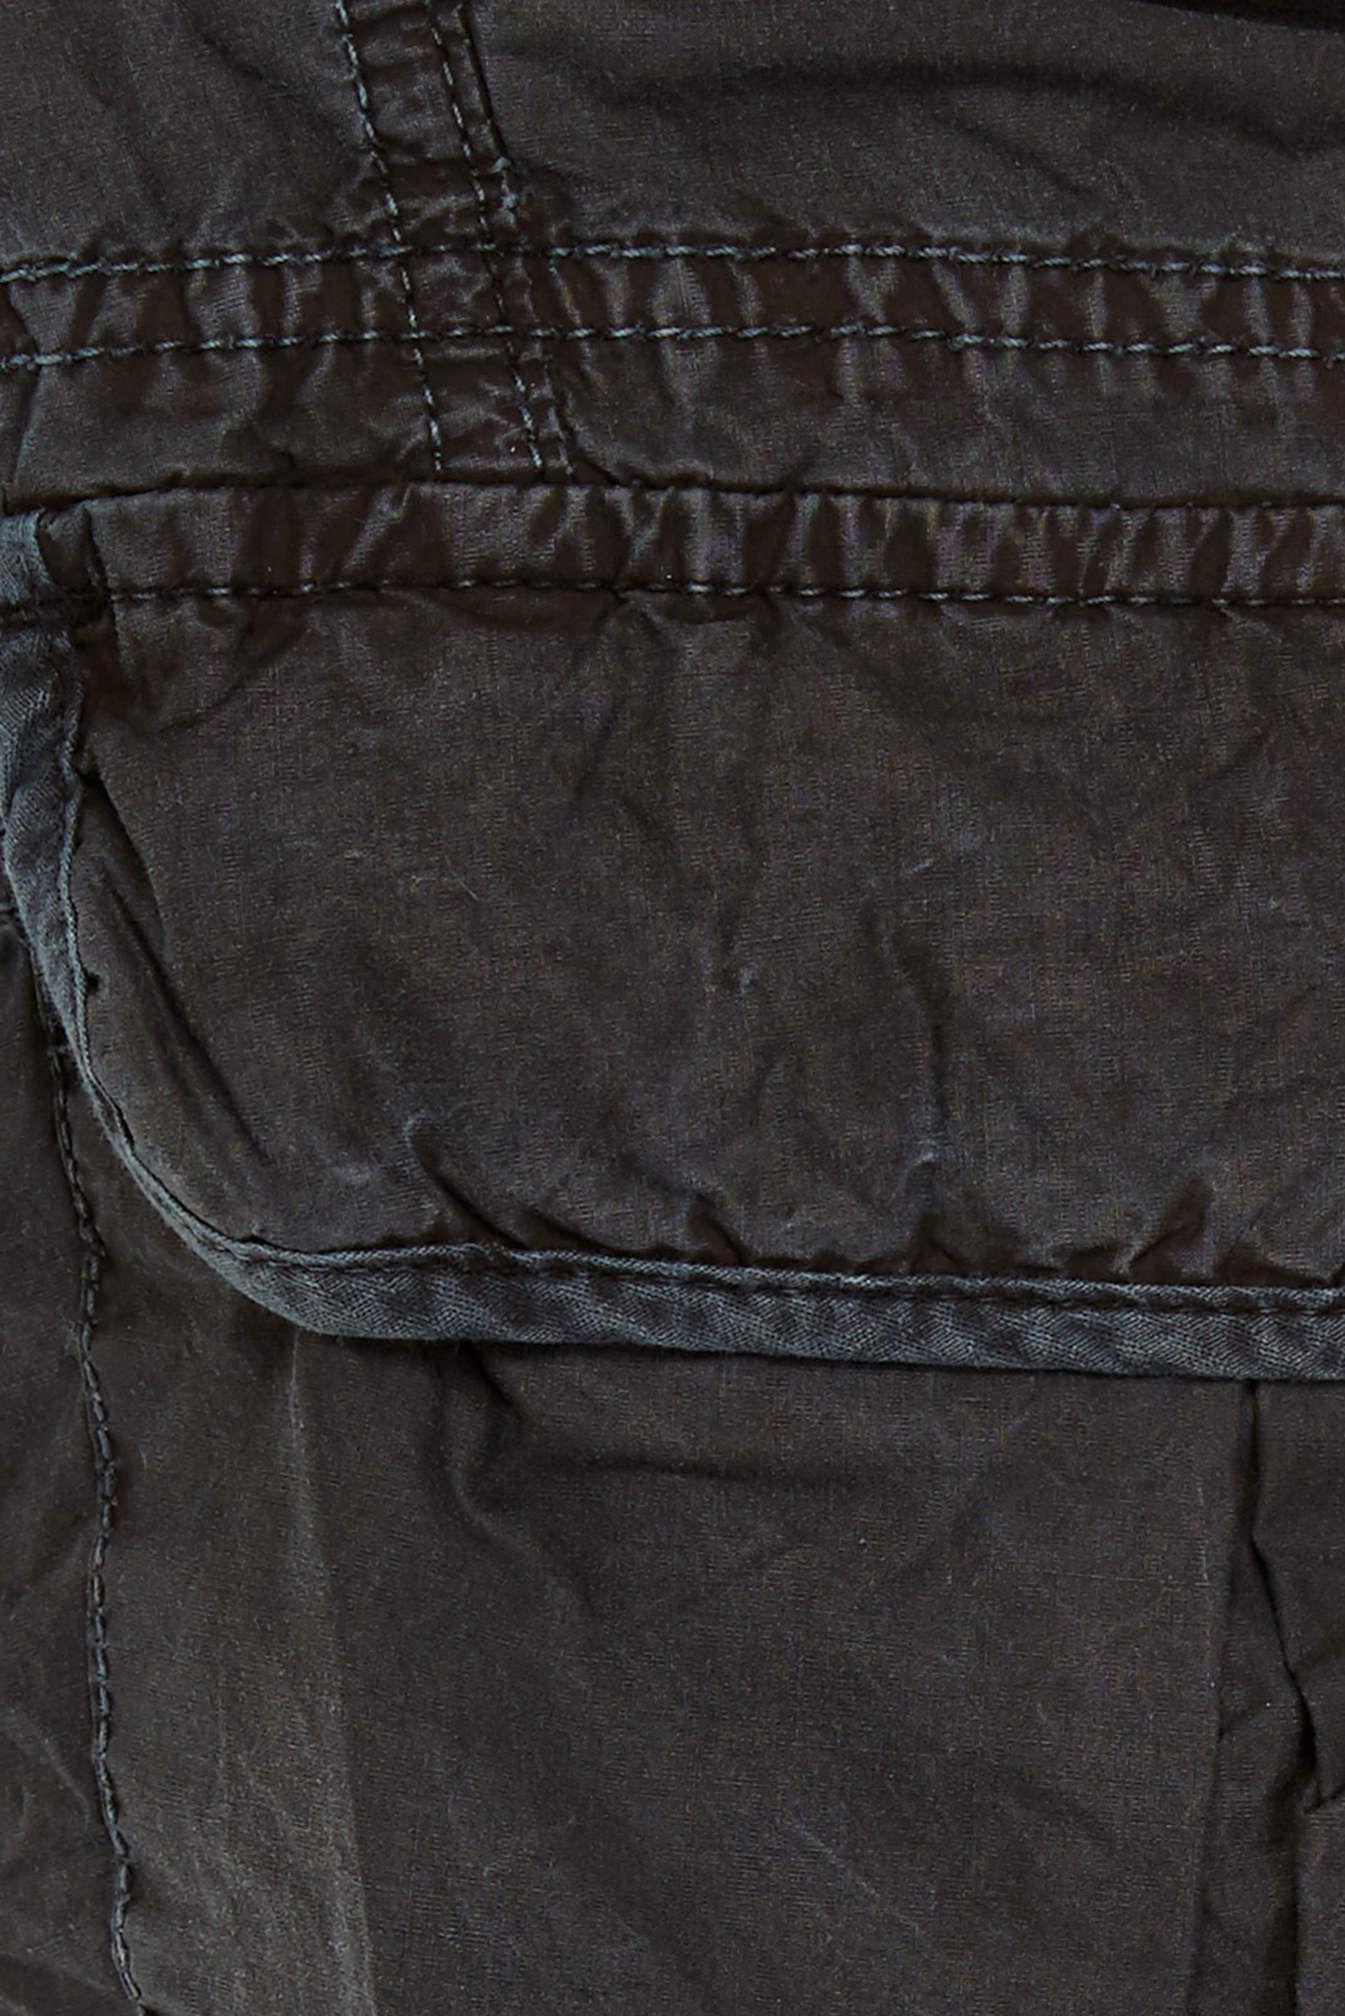 NEW-JAG-MENS-CARGO-SHORT-Shorts